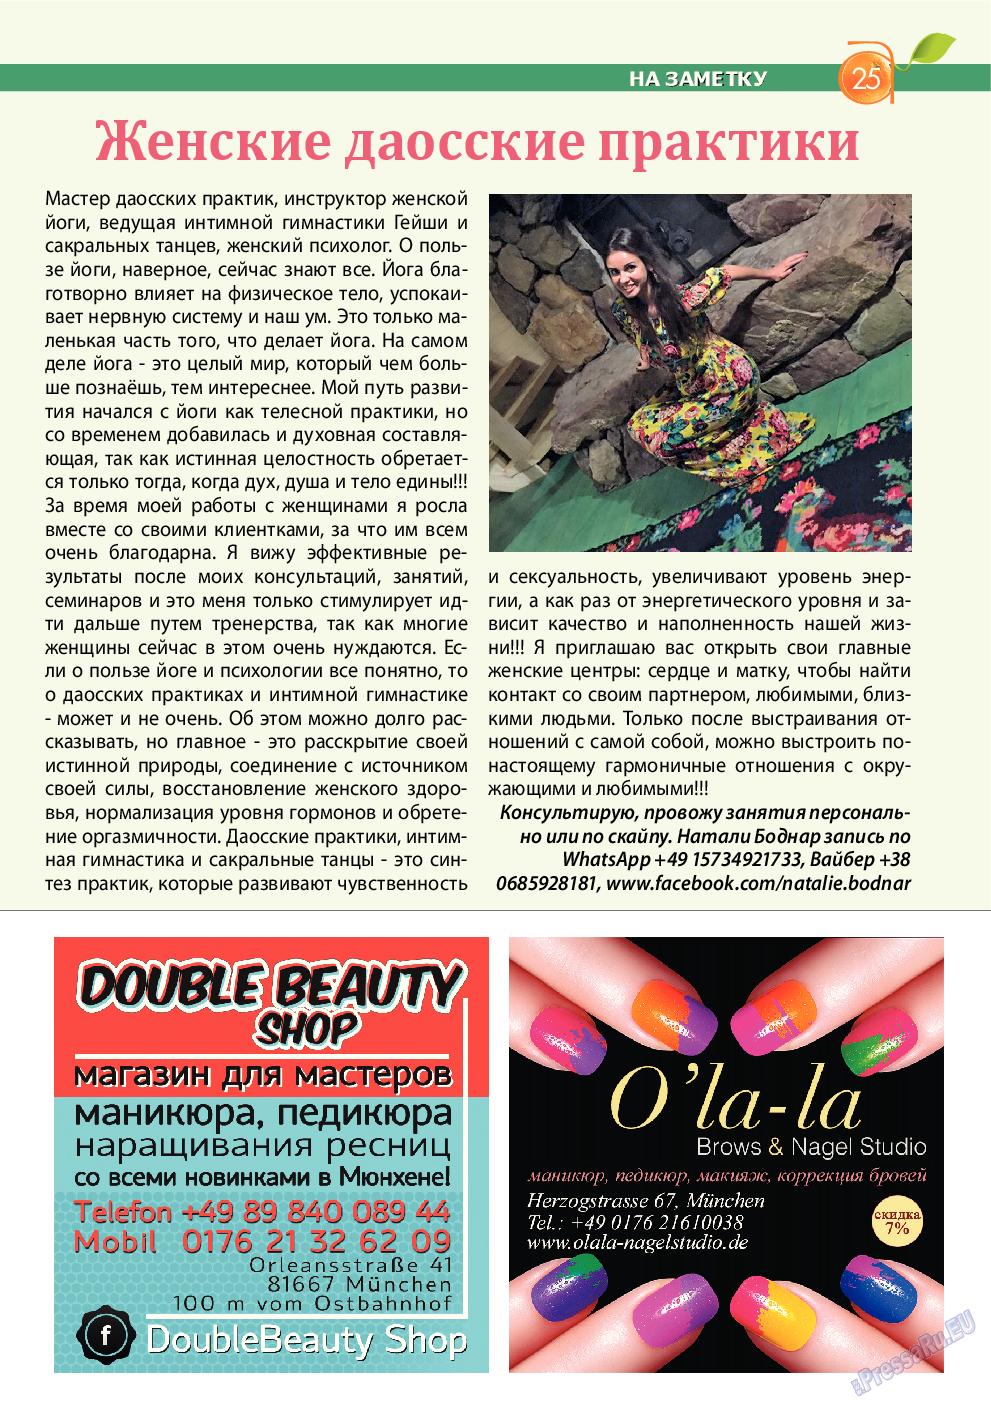 Апельсин (журнал). 2017 год, номер 4, стр. 25